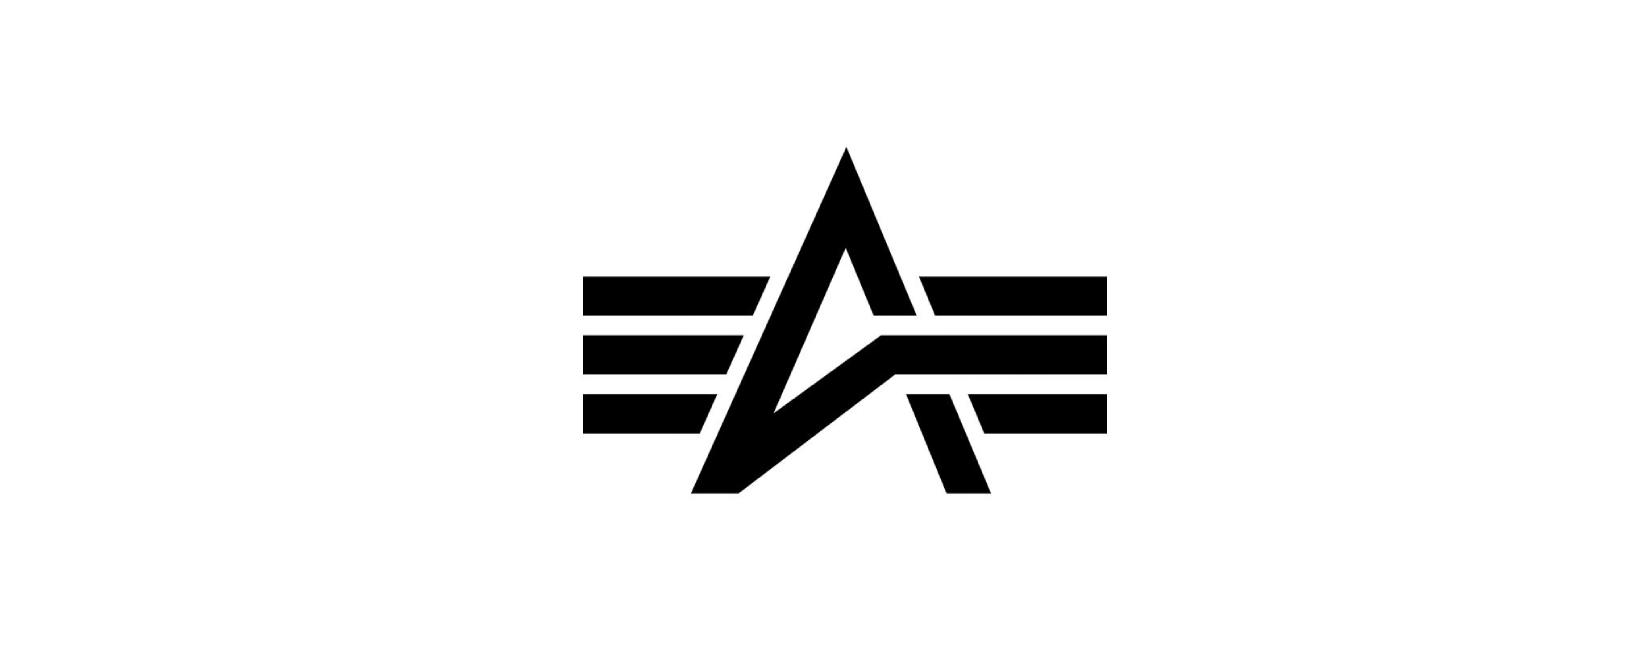 Alpha Industries Discount Code 2021